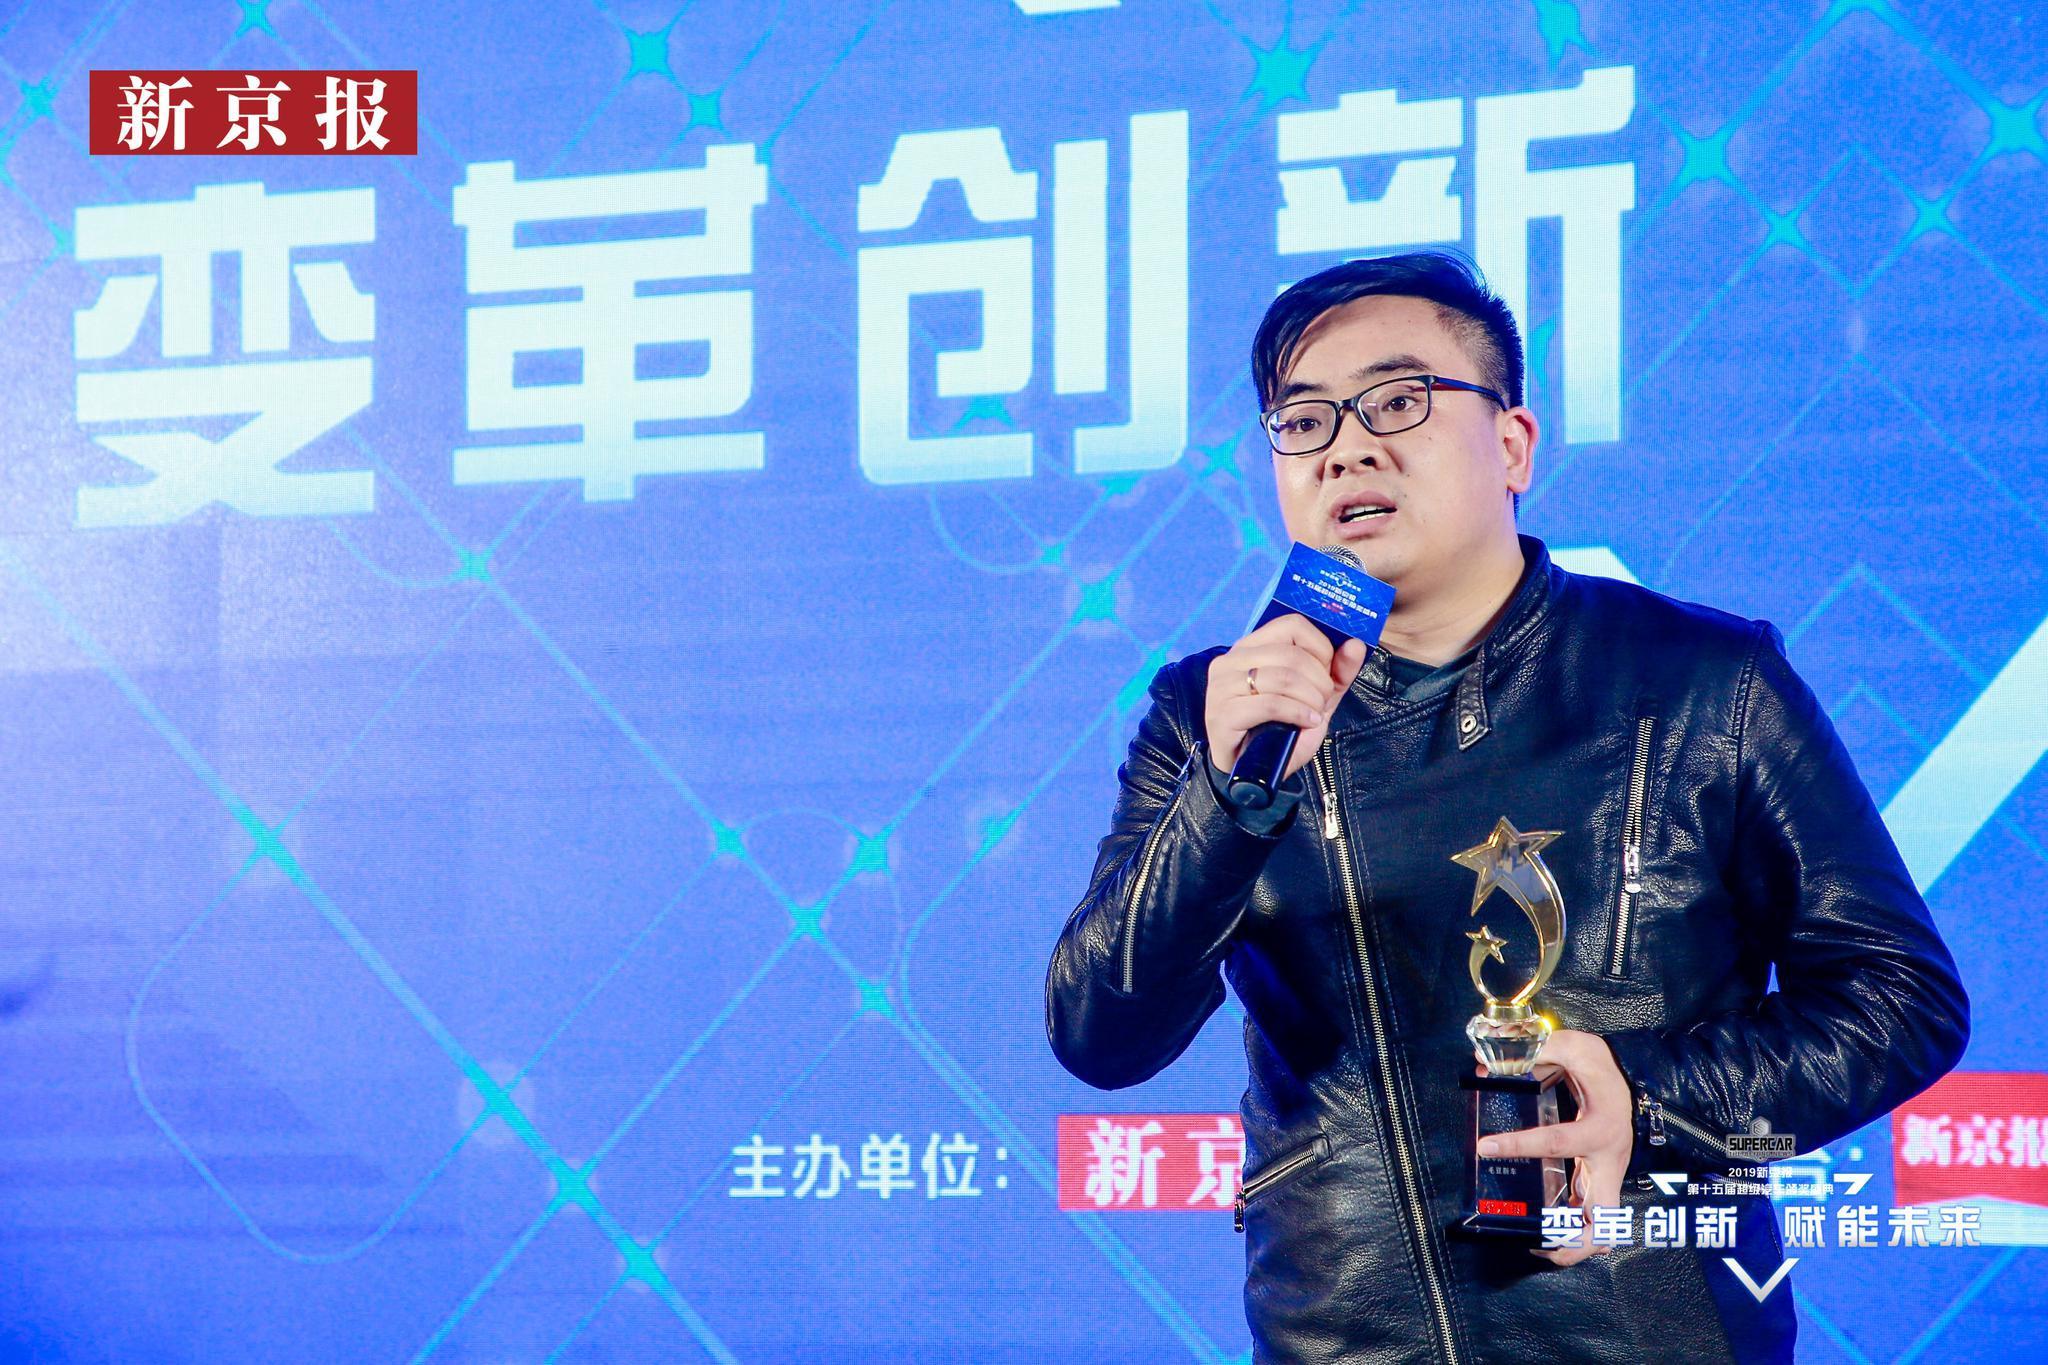 毛豆新车荣获新京报年度汽车新零售平台领先奖图片